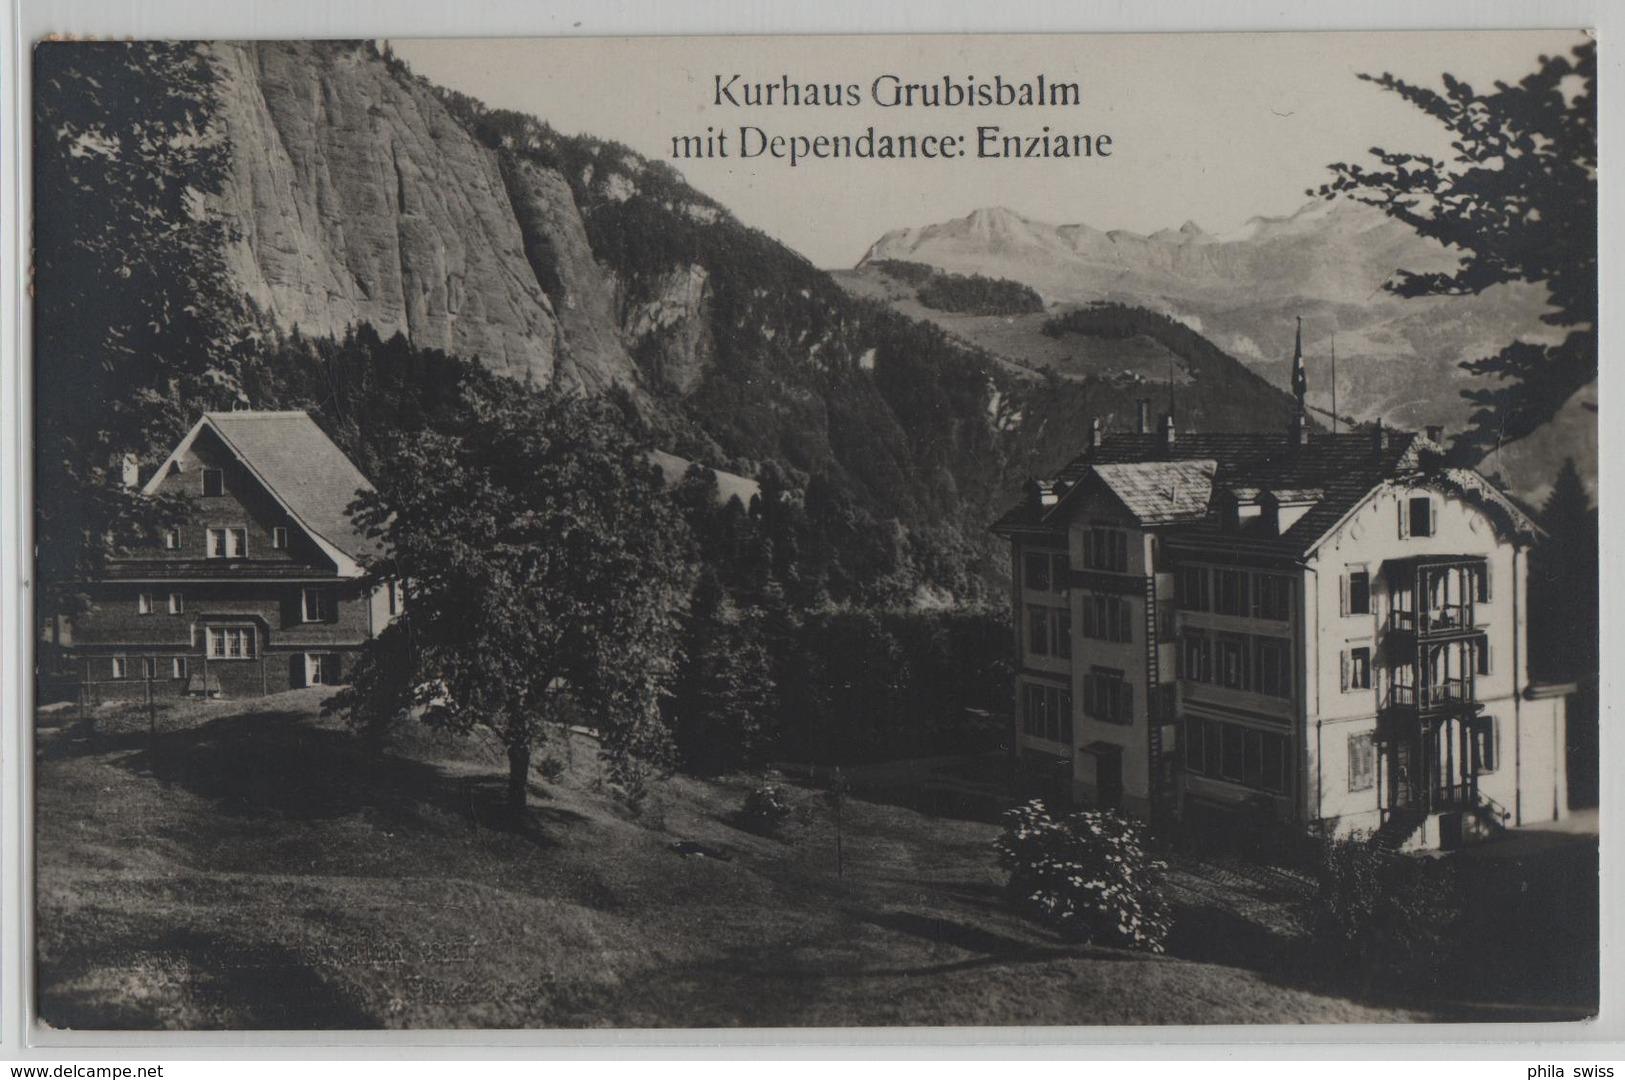 Kurhaus Grubisbalm Mit Dependance: Enziane, Ferienheim Schweiz. Eisenbahner - Photo: M. Wirth - LU Lucerne